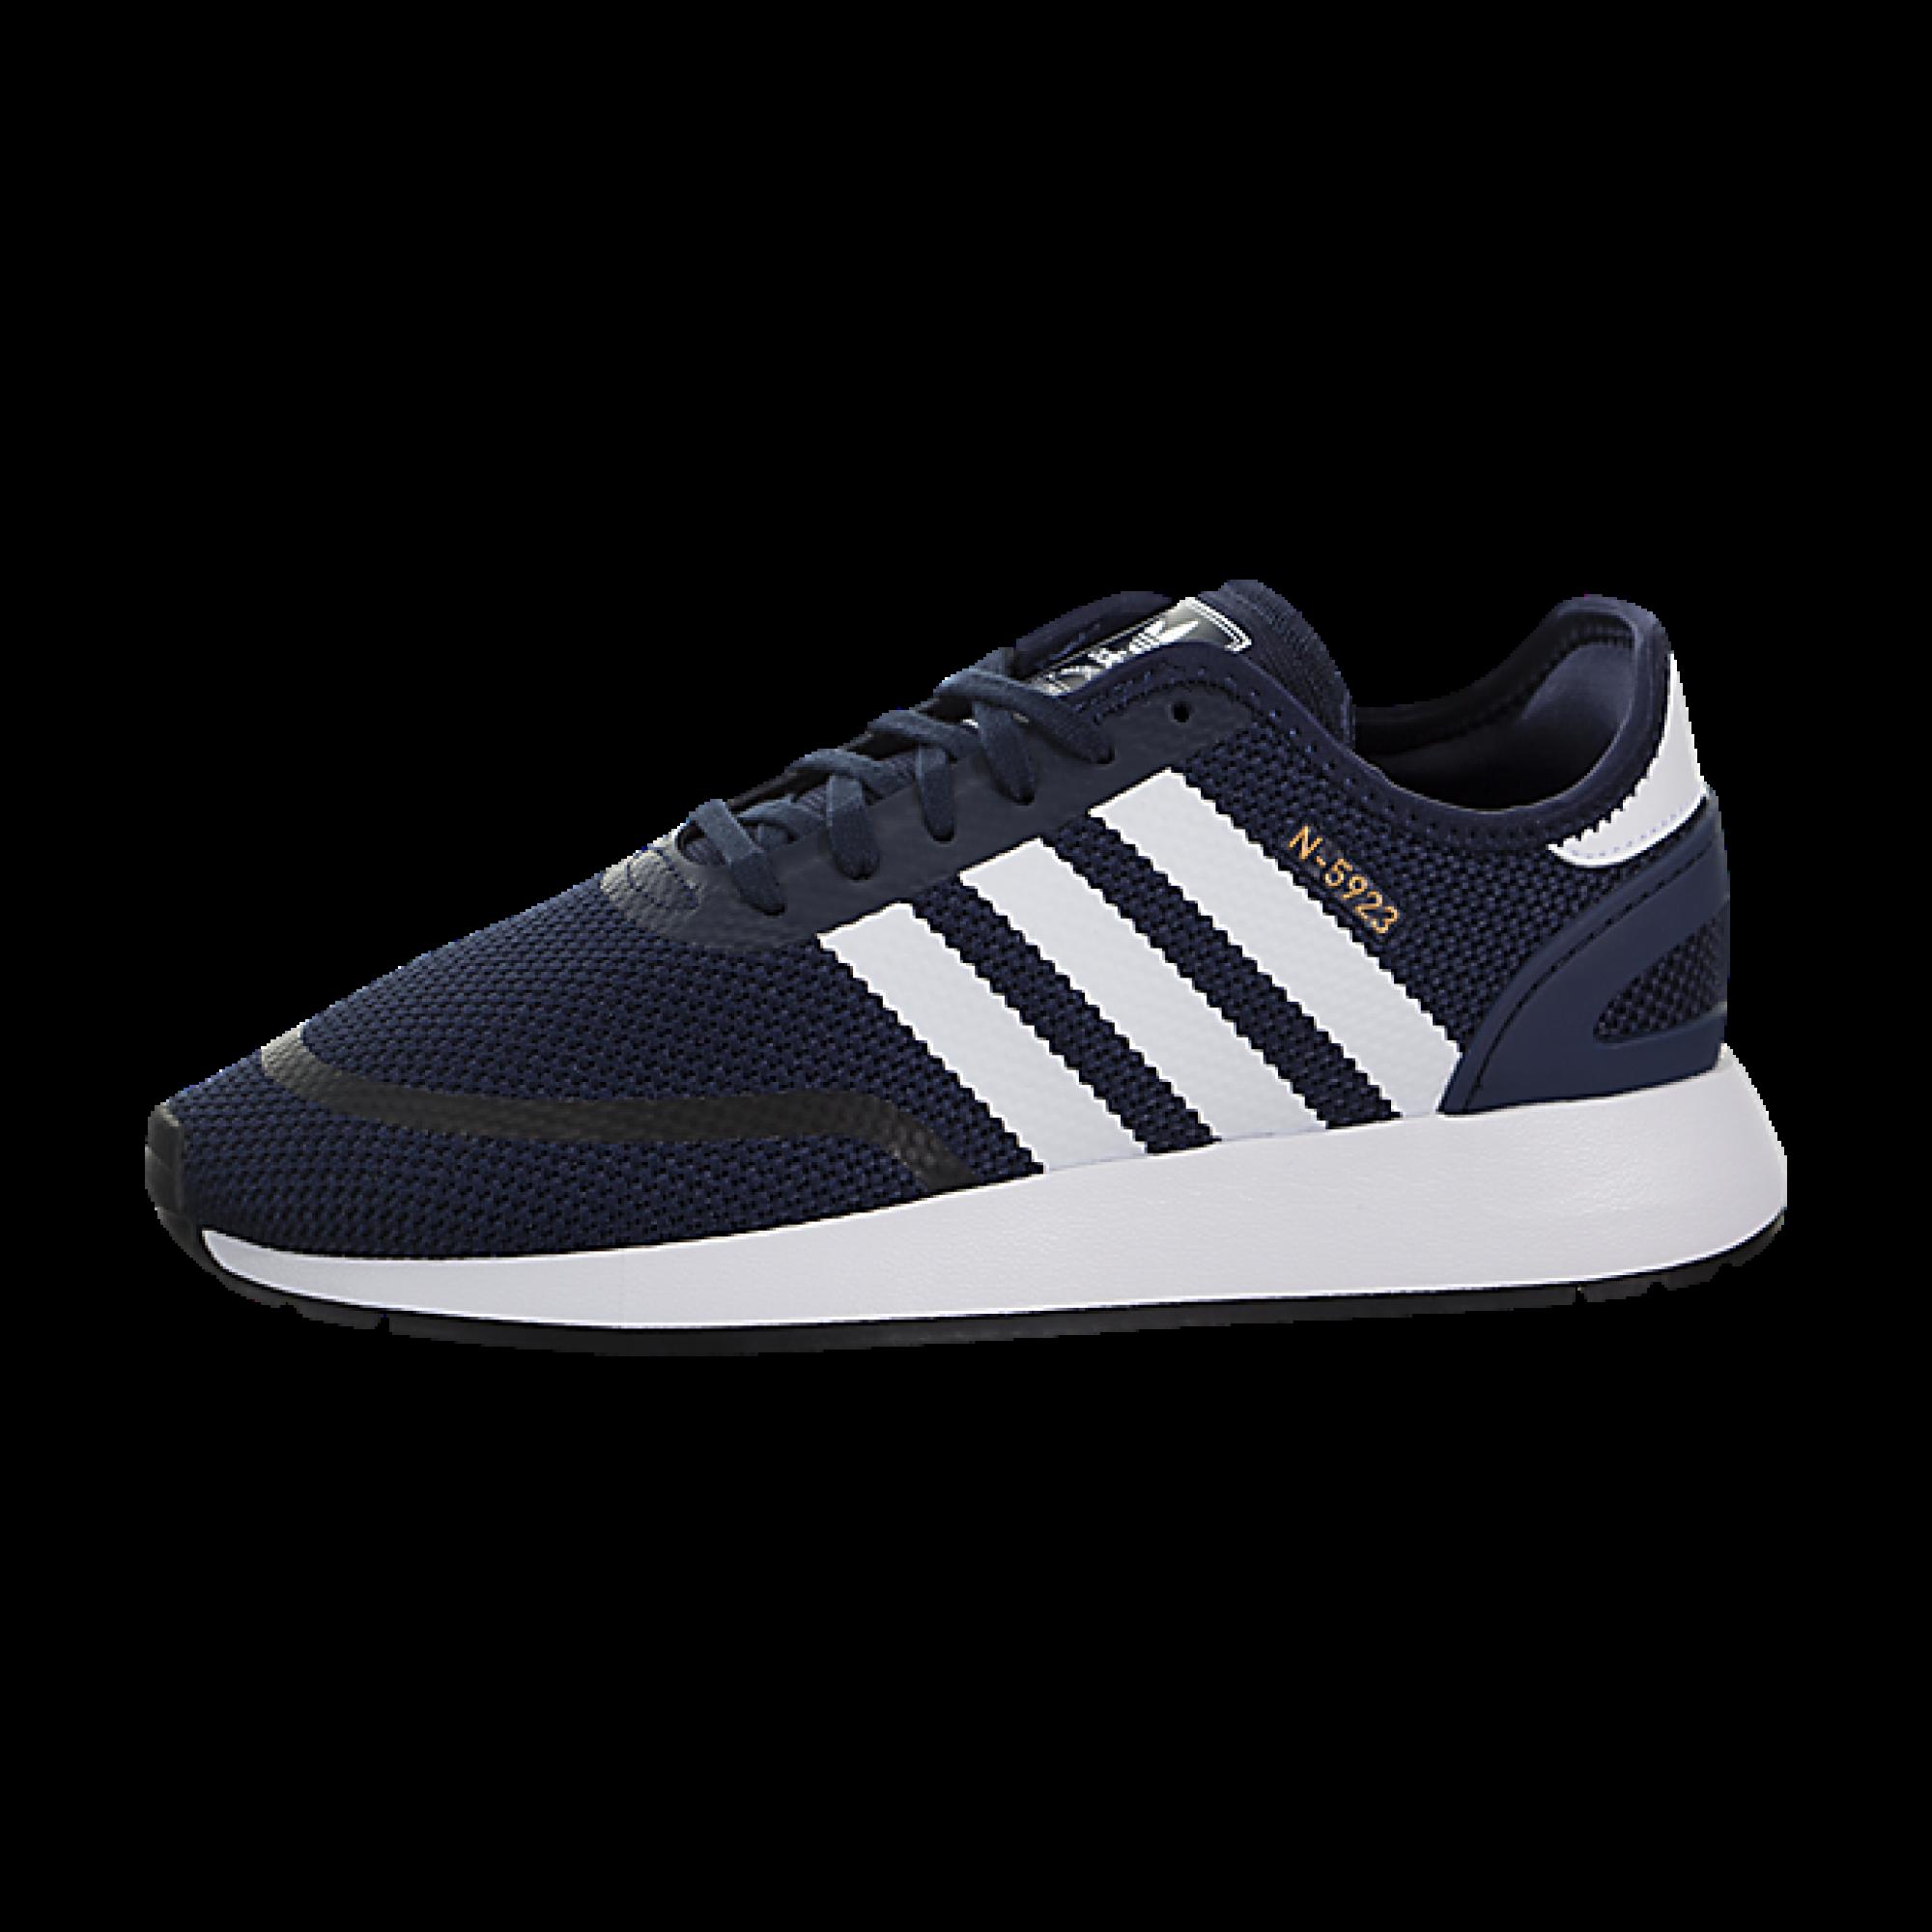 c5c9121983 Kid s Adidas Originals Iniki CLS J AC8543 Παιδικό Παπούτσι